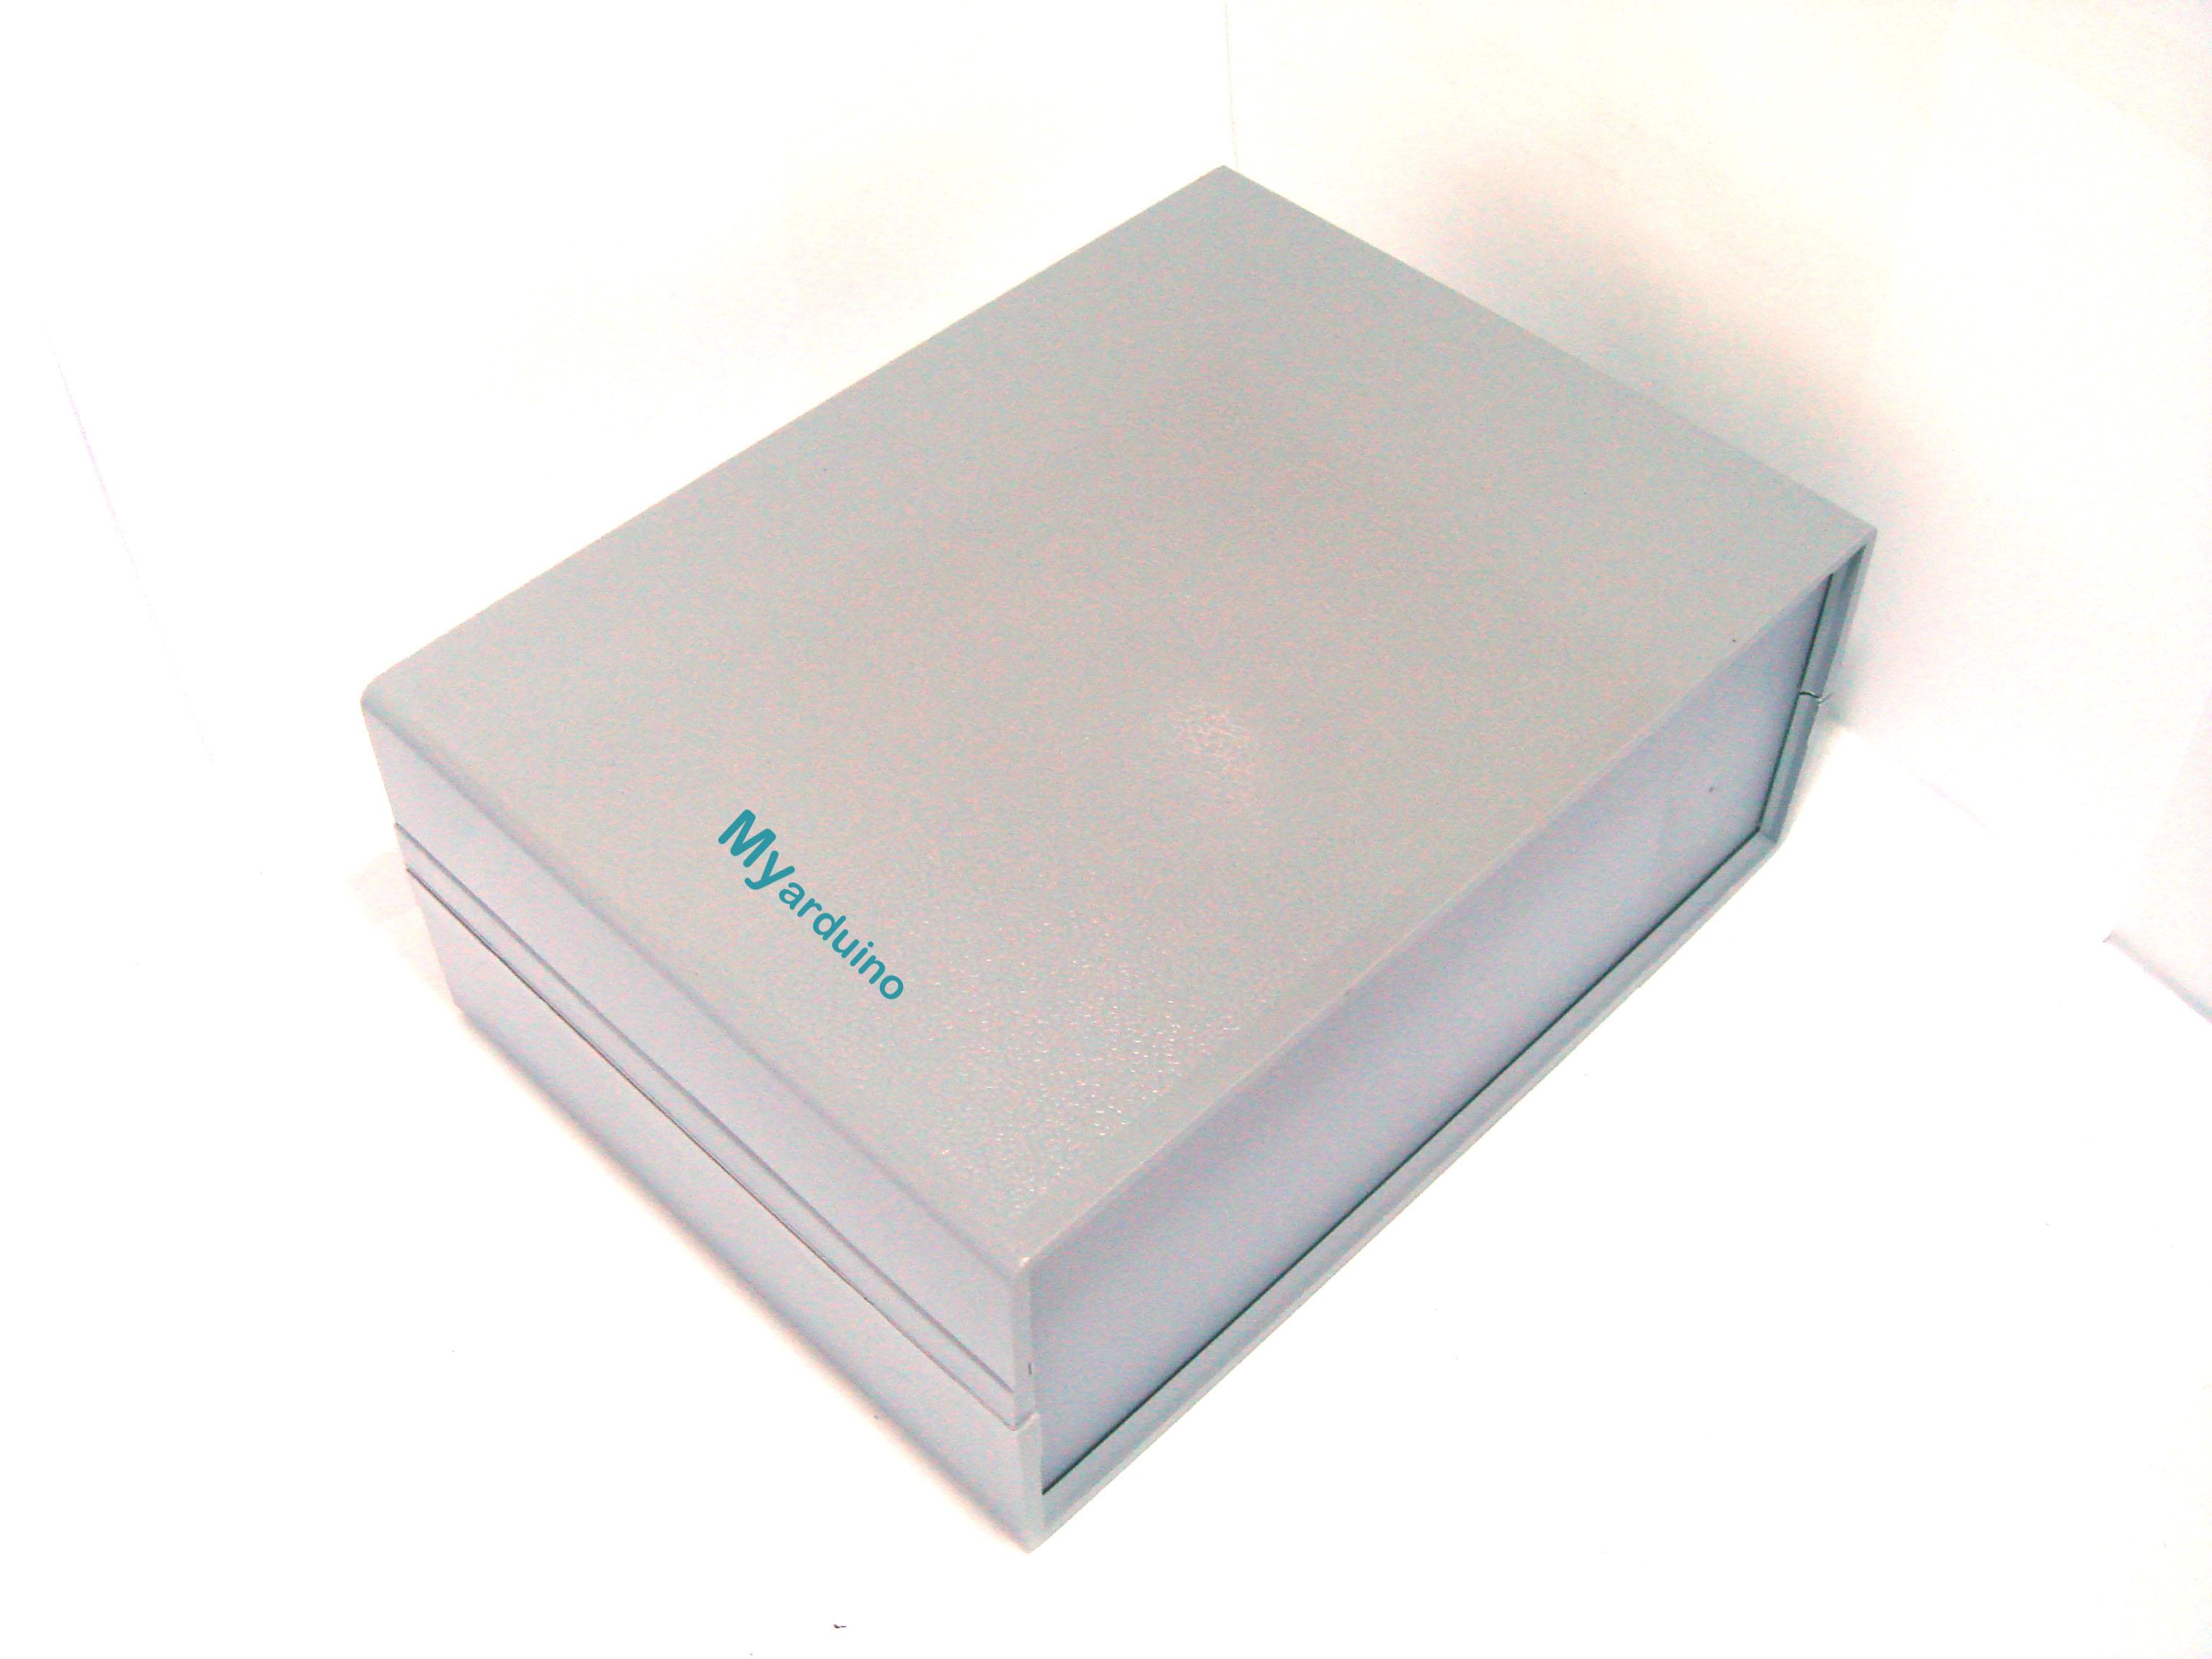 กล่องอเนกประสงค์ สีเทา 165*120*70mm